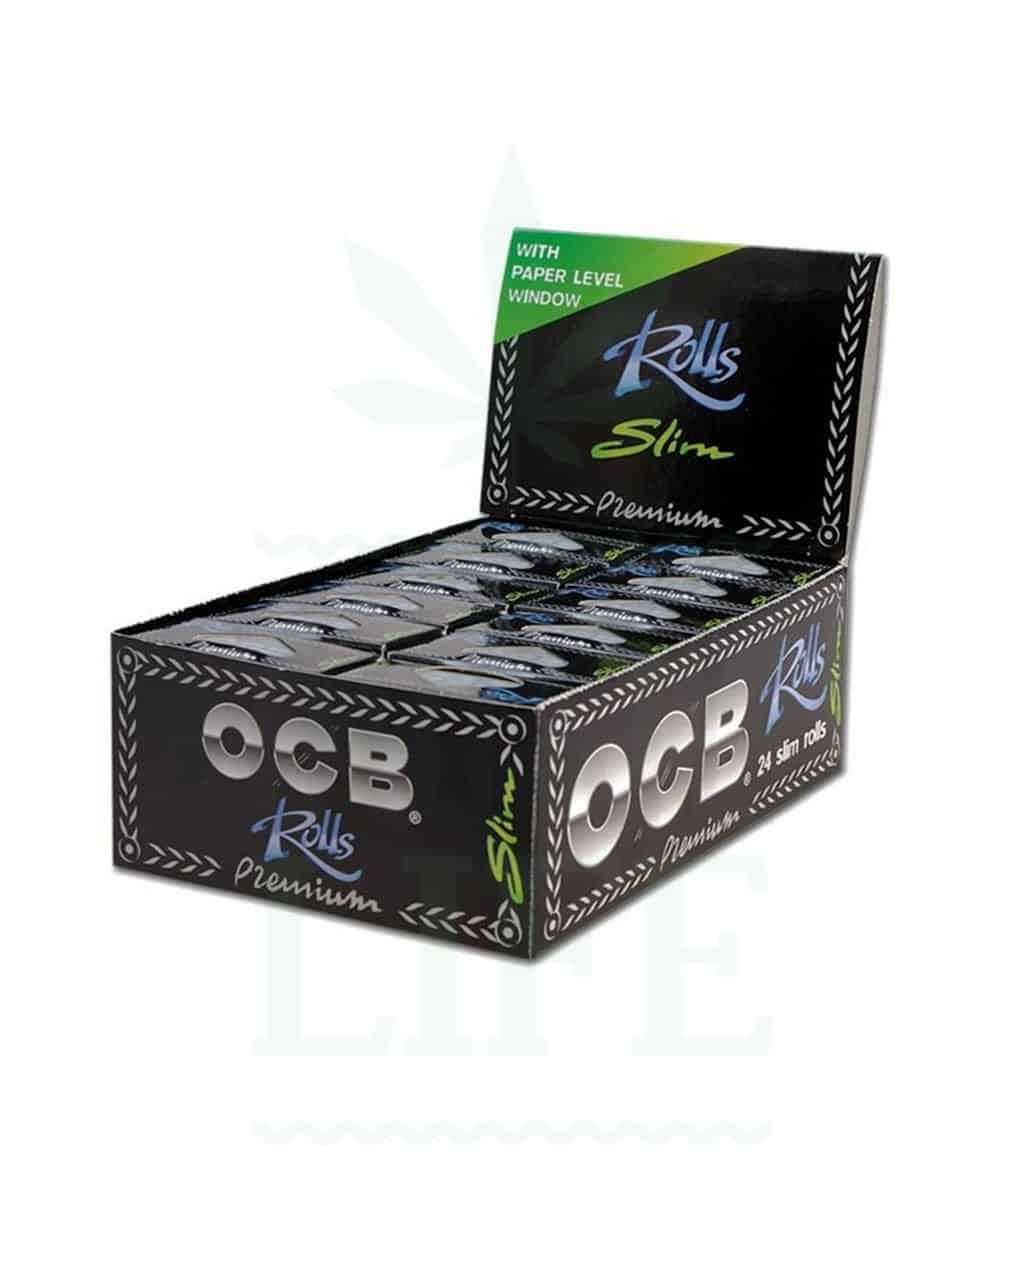 Beliebte Marken OCB Rolls Slim Premium   4 m